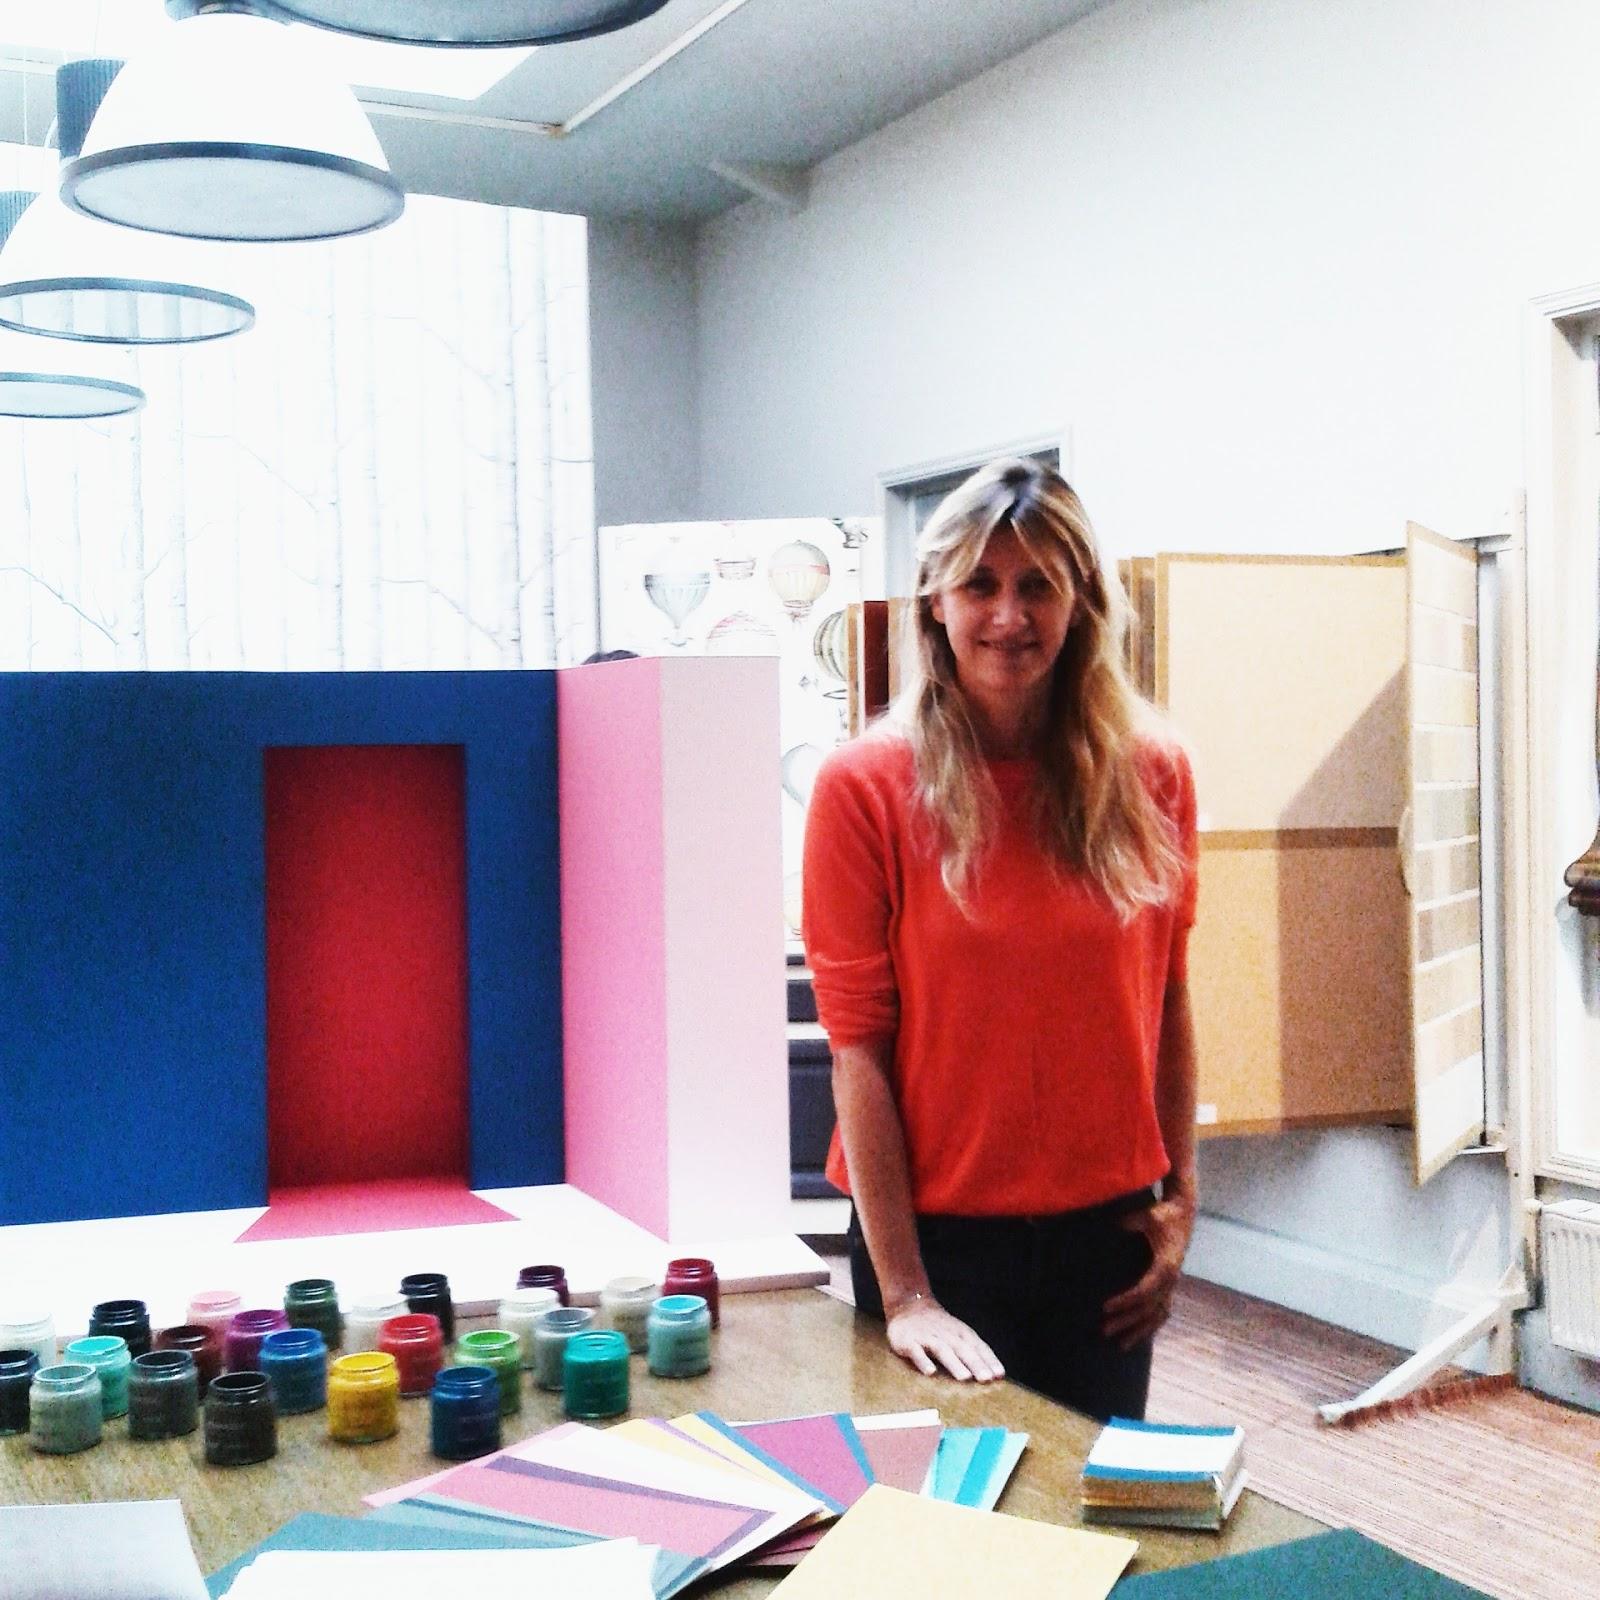 atelier rue verte le blog paris 36 couleurs pour. Black Bedroom Furniture Sets. Home Design Ideas